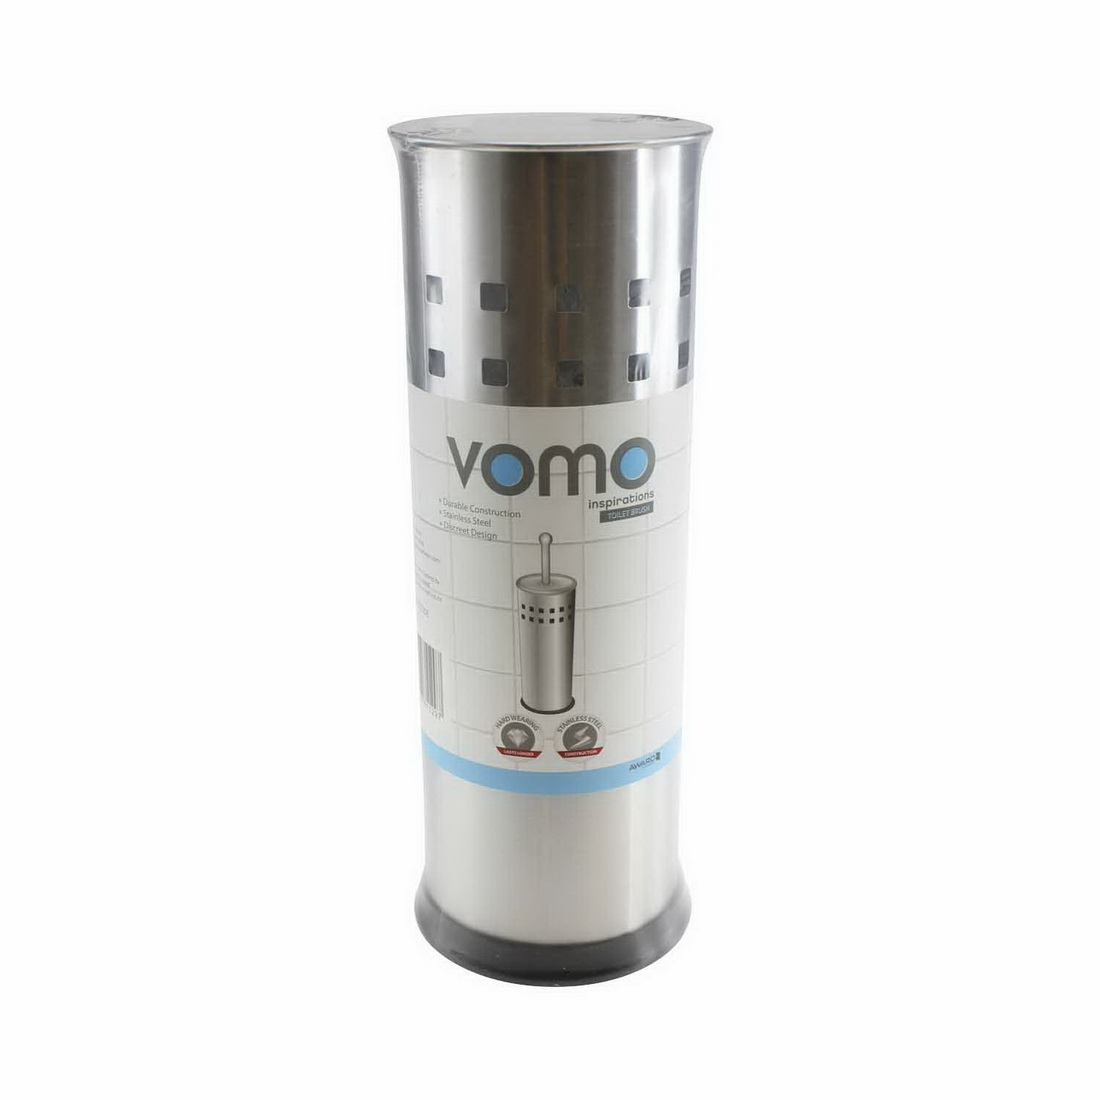 Vomo Inspirations Toilet Brush Holder Stainless Steel